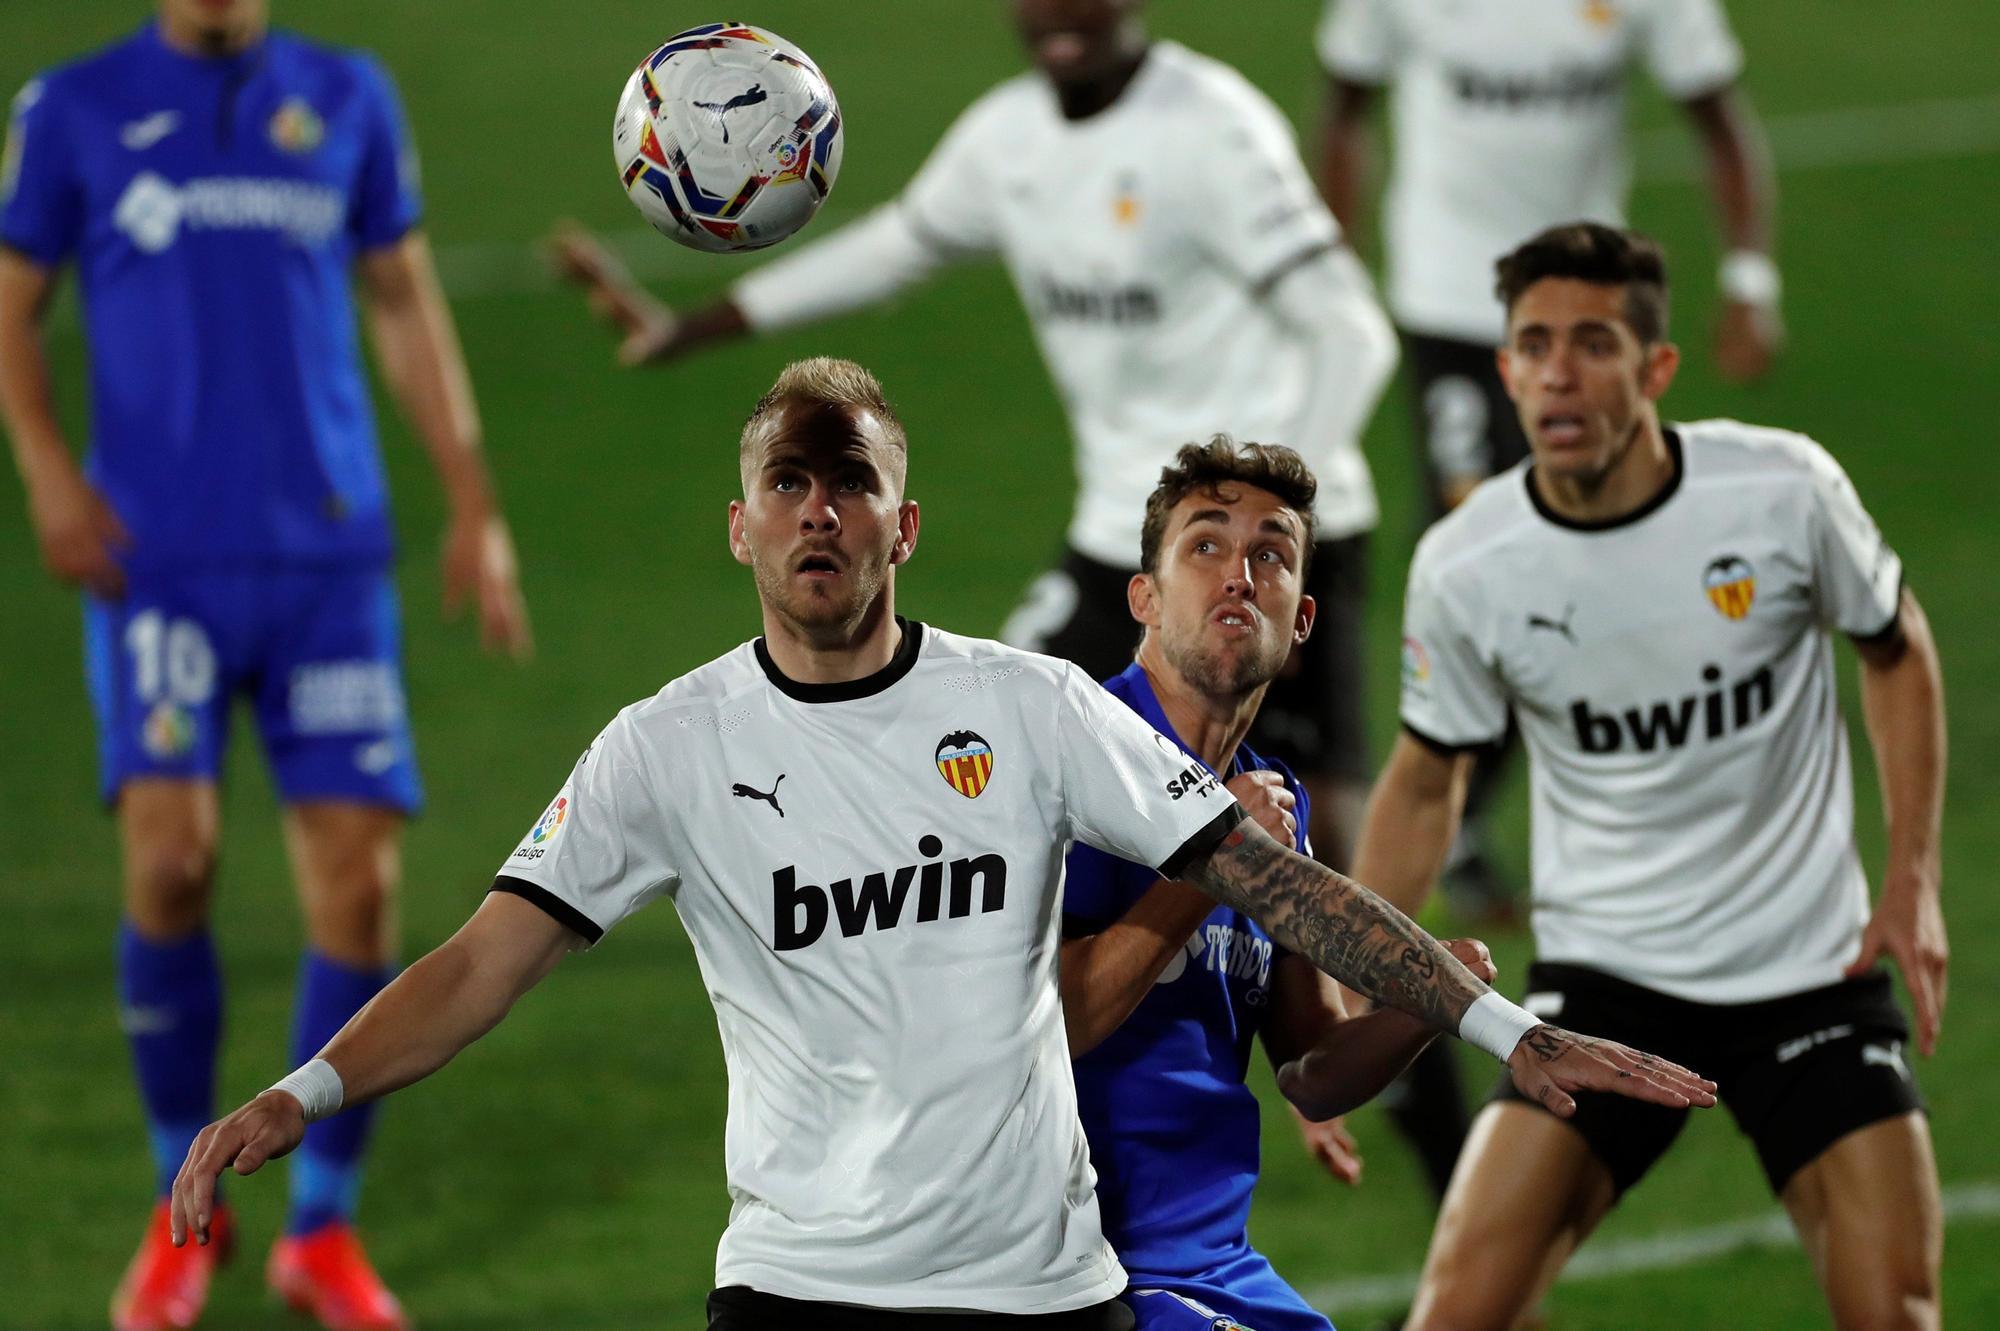 Las imágenes del partido entre el Getafe y el Valencia CF